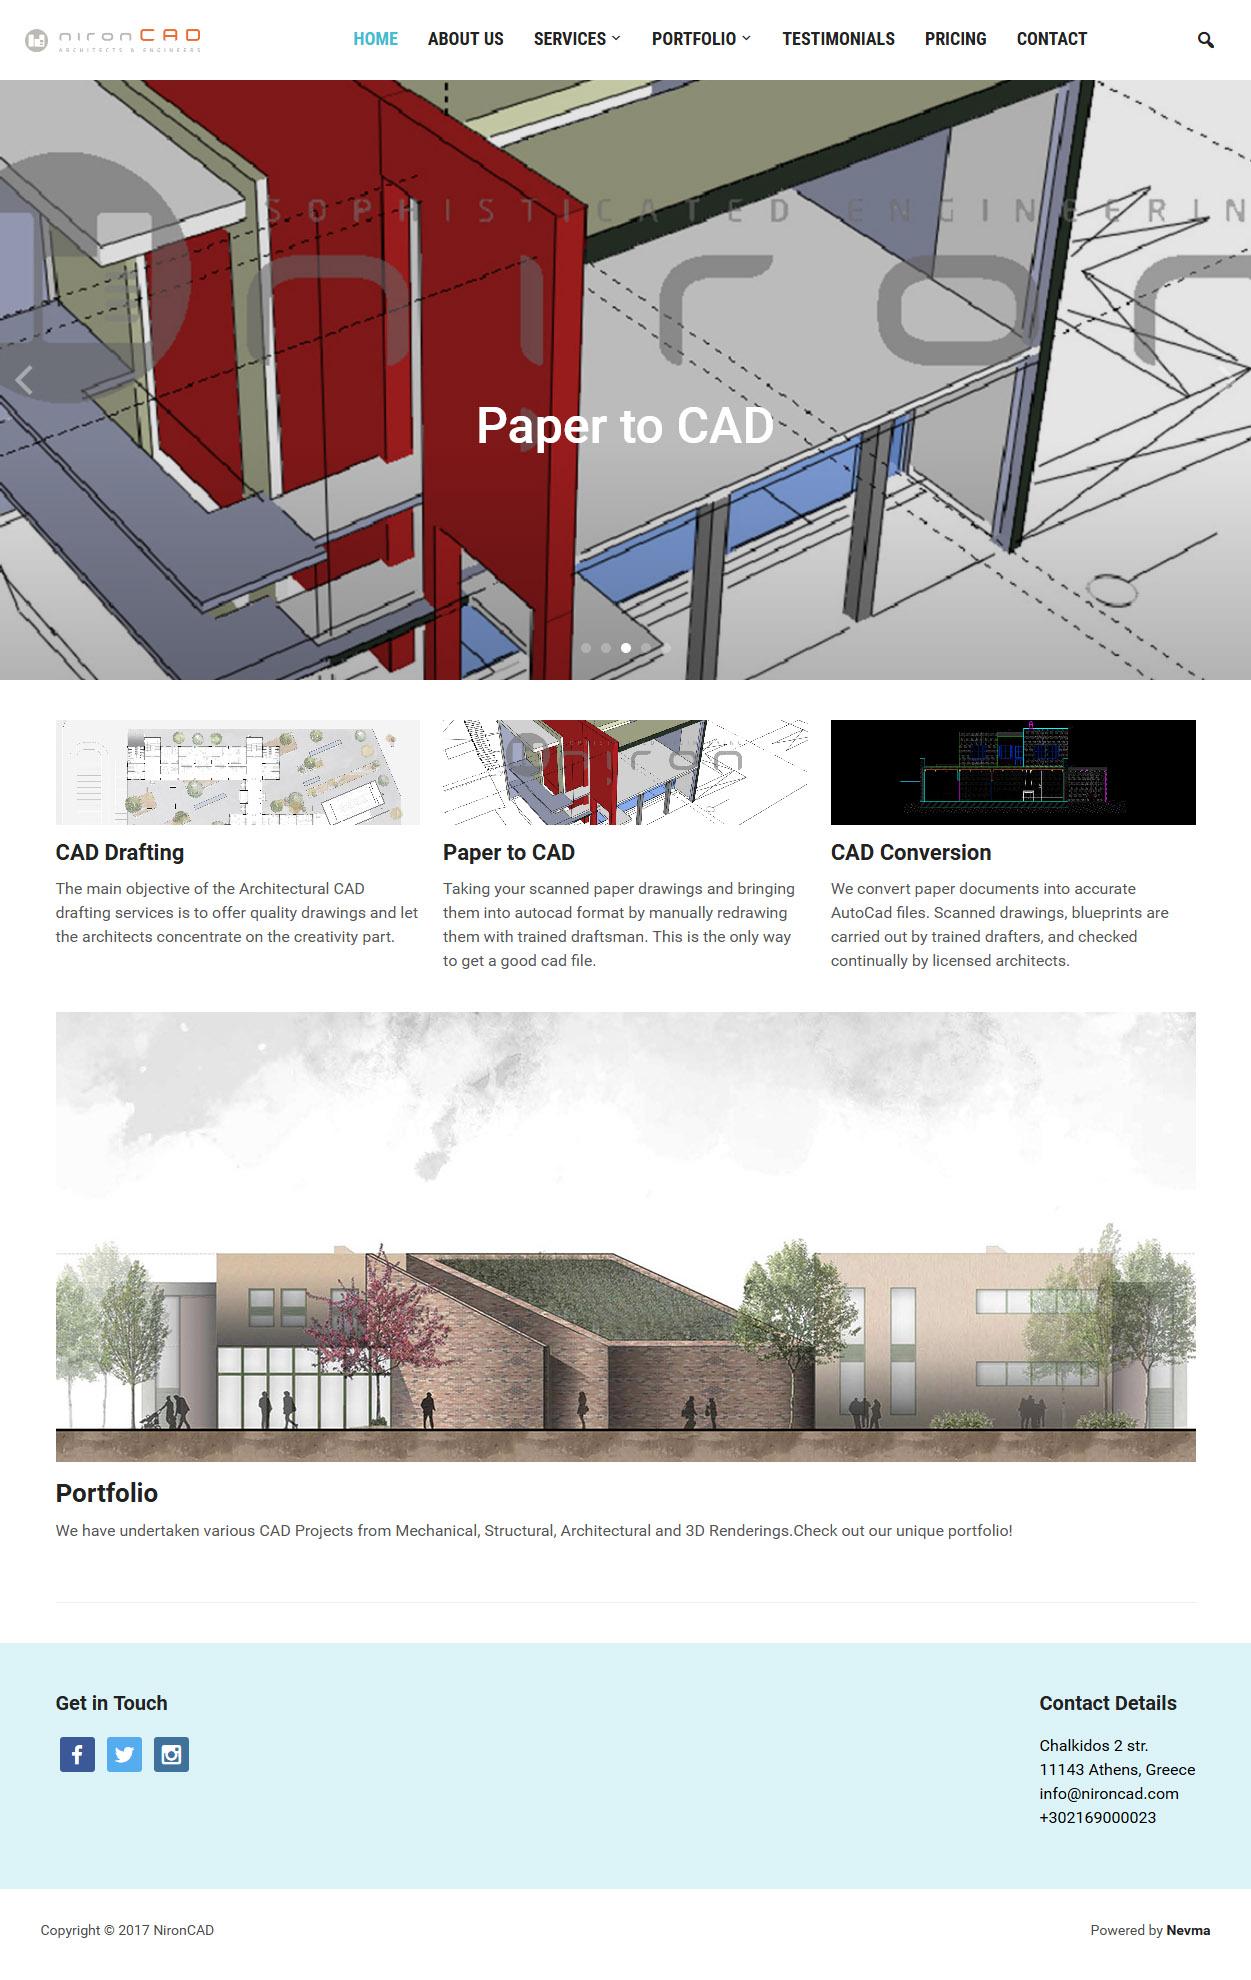 nironcad-Website-1.jpg